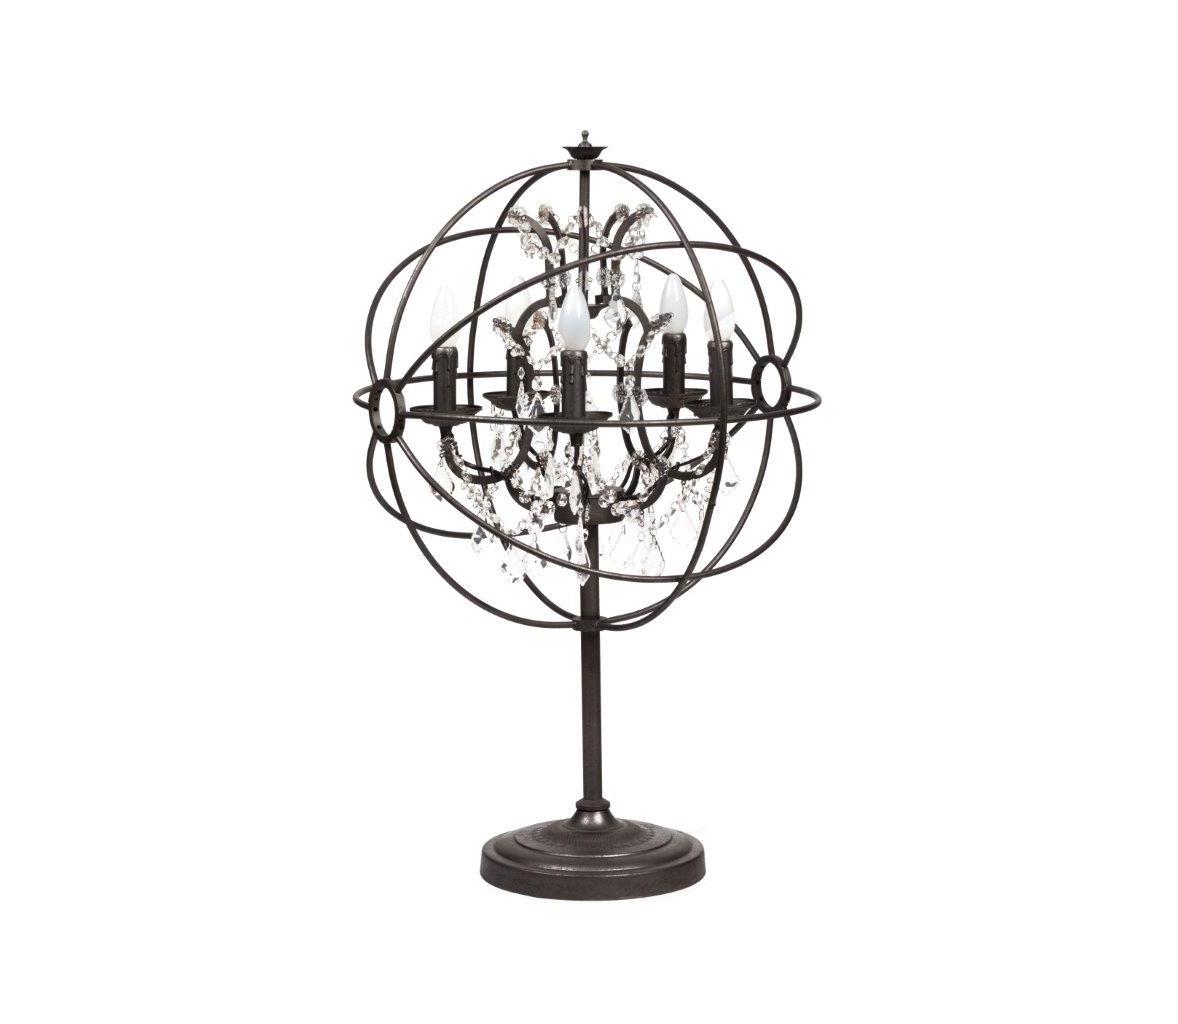 Настольная лампа Foucaults Orb CrystalДекоративные лампы<br>Как правило, подобрать подходящий под стиль светильник при создании средневекового стиля непросто, ведь мало производителей берутся за изготовление осветительных приборов, чей образ не пользуется сегодня широкой популярностью. Но настольная лампа Foucault&amp;#39;s Orb — это именно то, что максимально точно вольется в интерьер вашей комнаты и поможет воссоздать средневековую атмосферу в полной мере. Настольная лампа — без абажура, вместо него — металлические сферы, вместо одного — целый букет из пяти подсвечников. Светильник для любителей простых, но в то же время изобретательно исполненных решений. В основе конструкции лампы лежит металл, поэтому её каркас устойчивый и прочный. Искусственные свечи соединяют воедино современность и средние века, что является довольно креативным решением. Лампа Foucault&amp;#39;s Orb создаст мягкий свет и не будет напрягать своей яркостью и резкостью, поэтому идеально впишется в любое помещение. Предназначена для использования со светодиодными лампами.&amp;lt;div&amp;gt;&amp;lt;br&amp;gt;&amp;lt;/div&amp;gt;&amp;lt;div&amp;gt;&amp;lt;div style=&amp;quot;line-height: 24.9999px;&amp;quot;&amp;gt;Цоколь: E27&amp;lt;/div&amp;gt;&amp;lt;div style=&amp;quot;line-height: 24.9999px;&amp;quot;&amp;gt;Мощность лампы: 40W&amp;lt;/div&amp;gt;&amp;lt;div style=&amp;quot;line-height: 24.9999px;&amp;quot;&amp;gt;Количество ламп: 5&amp;lt;/div&amp;gt;&amp;lt;/div&amp;gt;<br><br>Material: Хрусталь<br>Width см: 55<br>Depth см: 40<br>Height см: 30